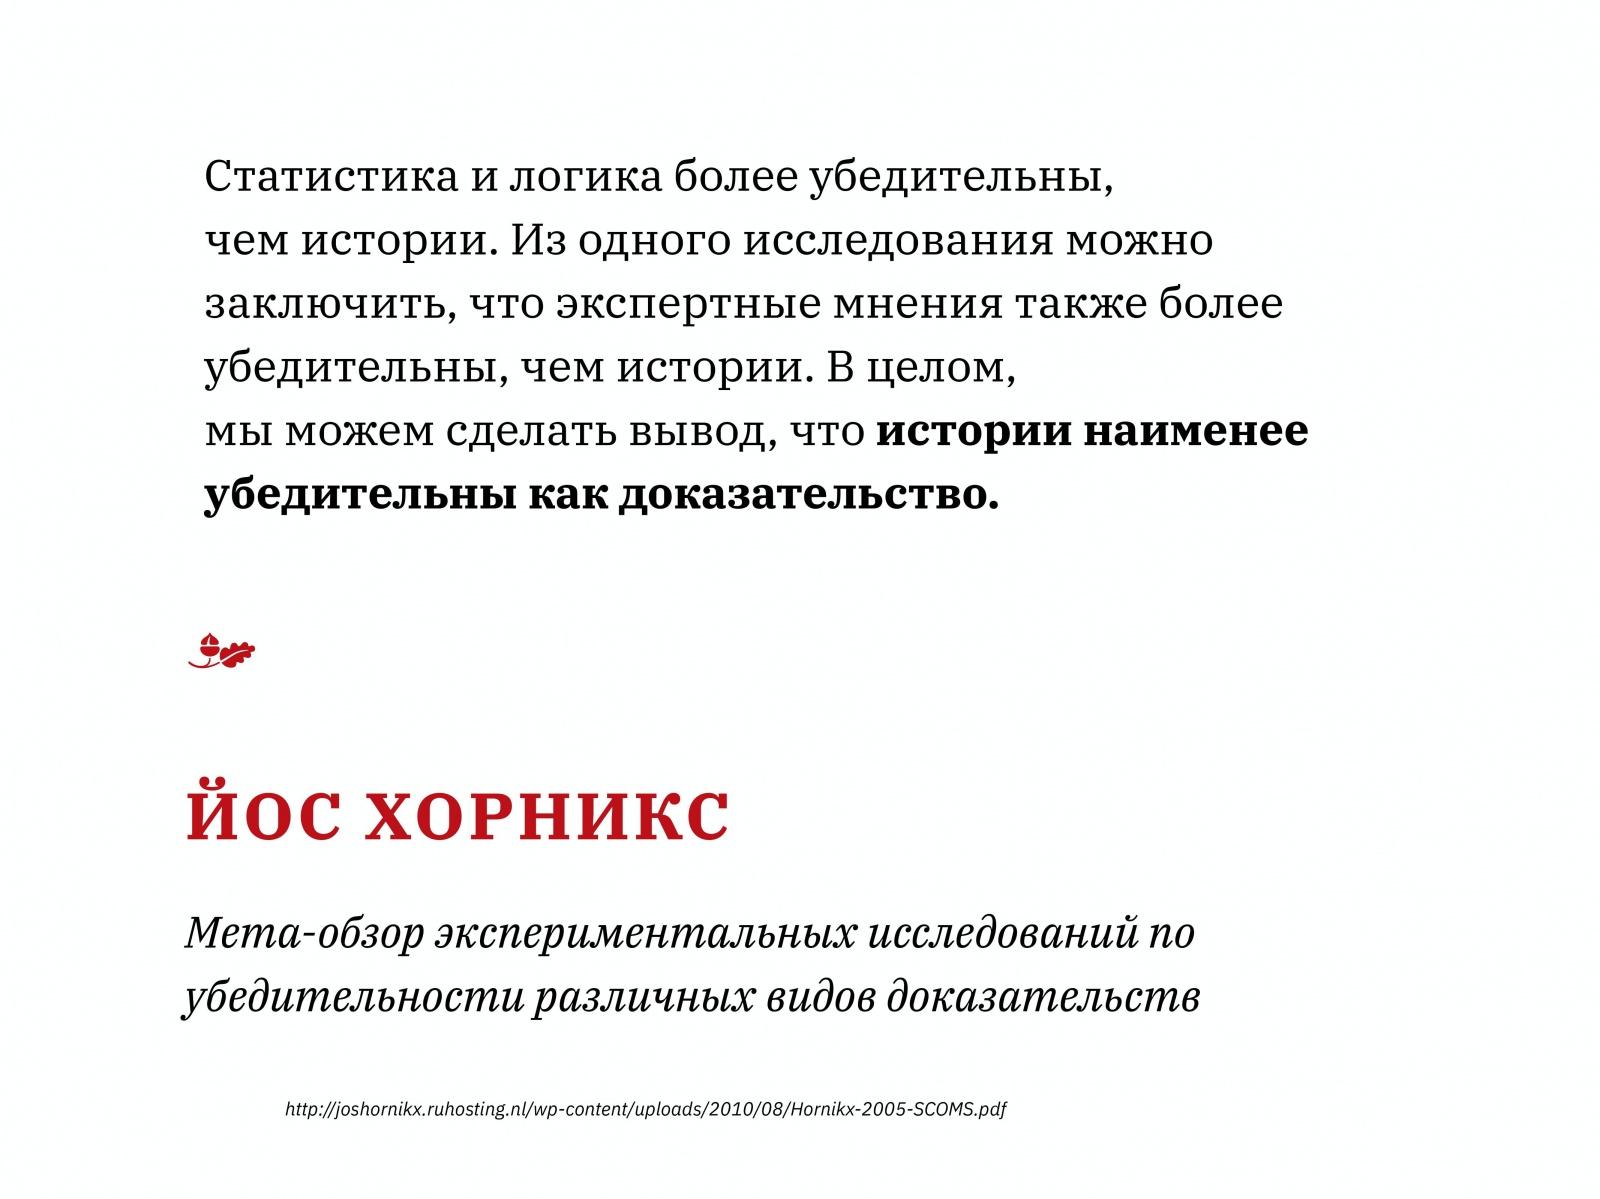 Алексей Каптерев: Критическое мышление 101 (часть 2) - 6